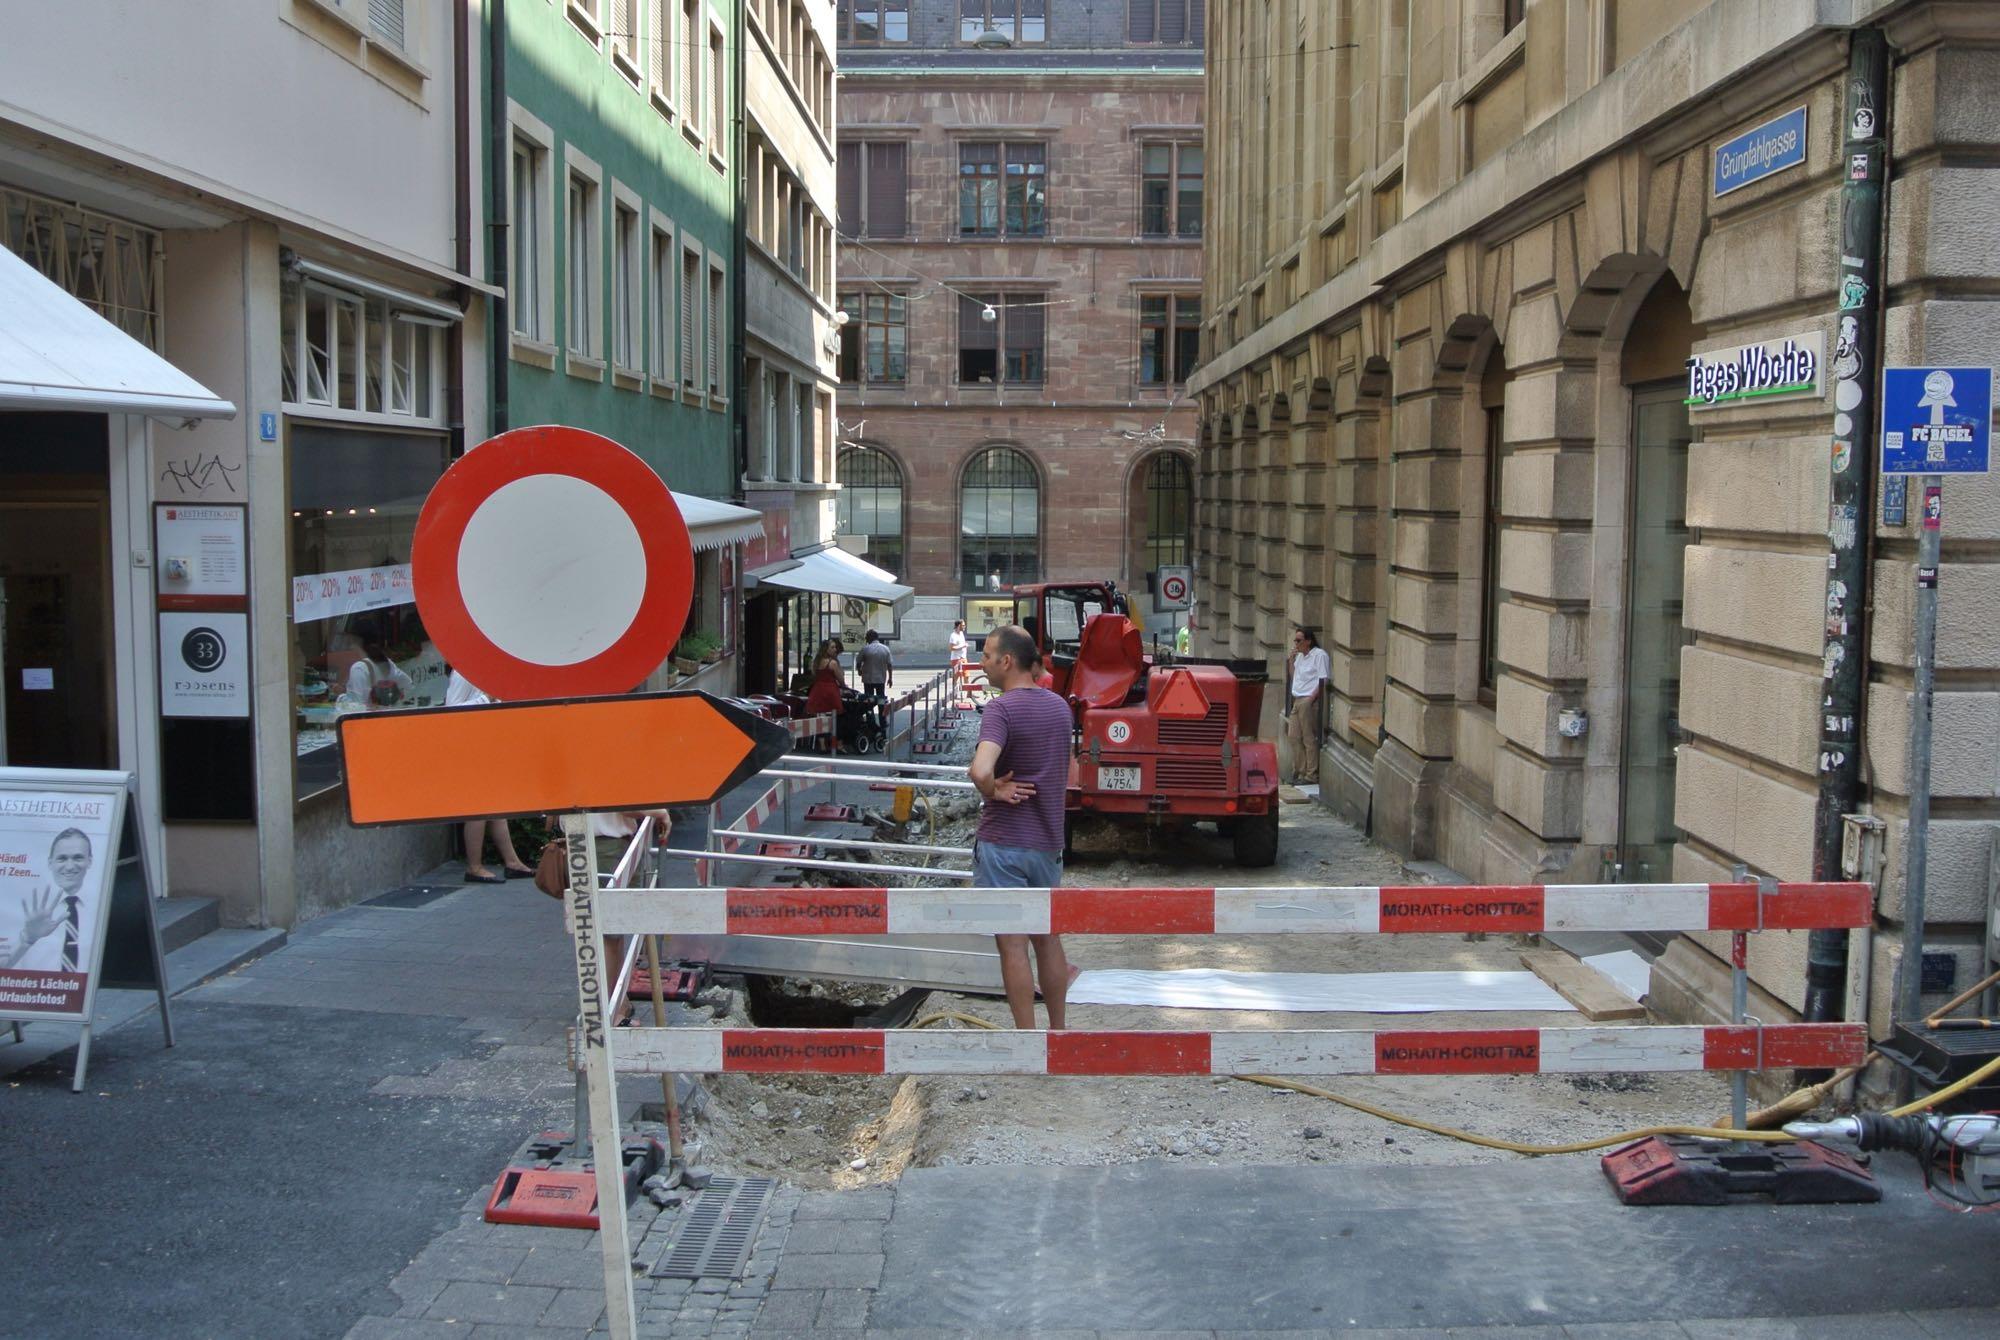 Die Grünpfahlgasse machte den Auftakt bei der Umsetzung des neuen Gestaltungskonzepts Innenstadt. Die Aufnahme stammt keine 24 Stunden nach Baubeginn.